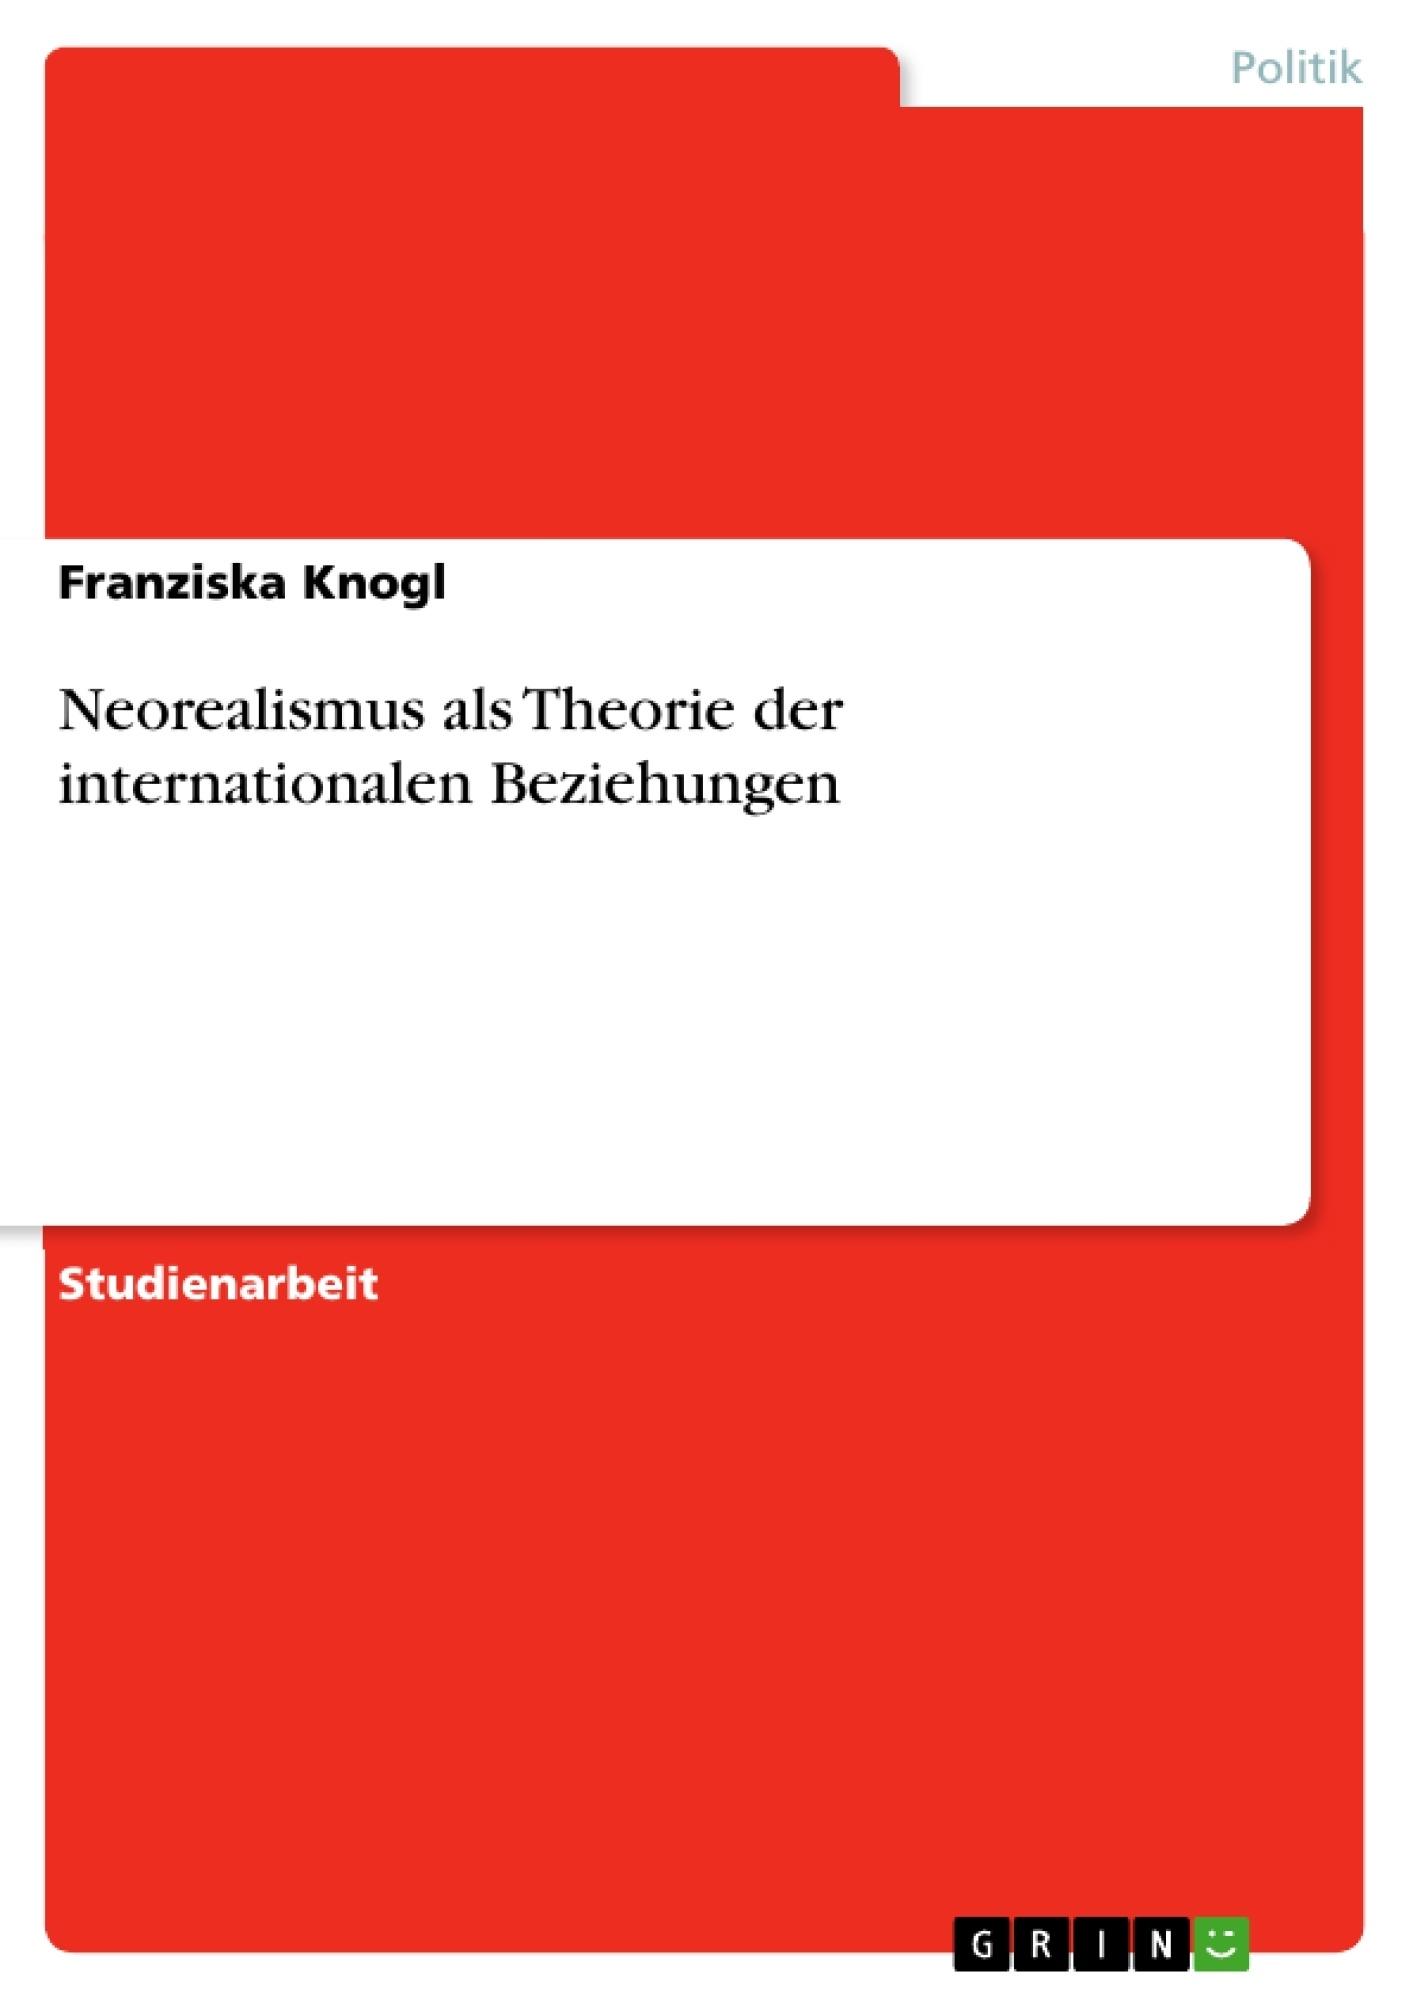 Titel: Neorealismus als Theorie der internationalen Beziehungen